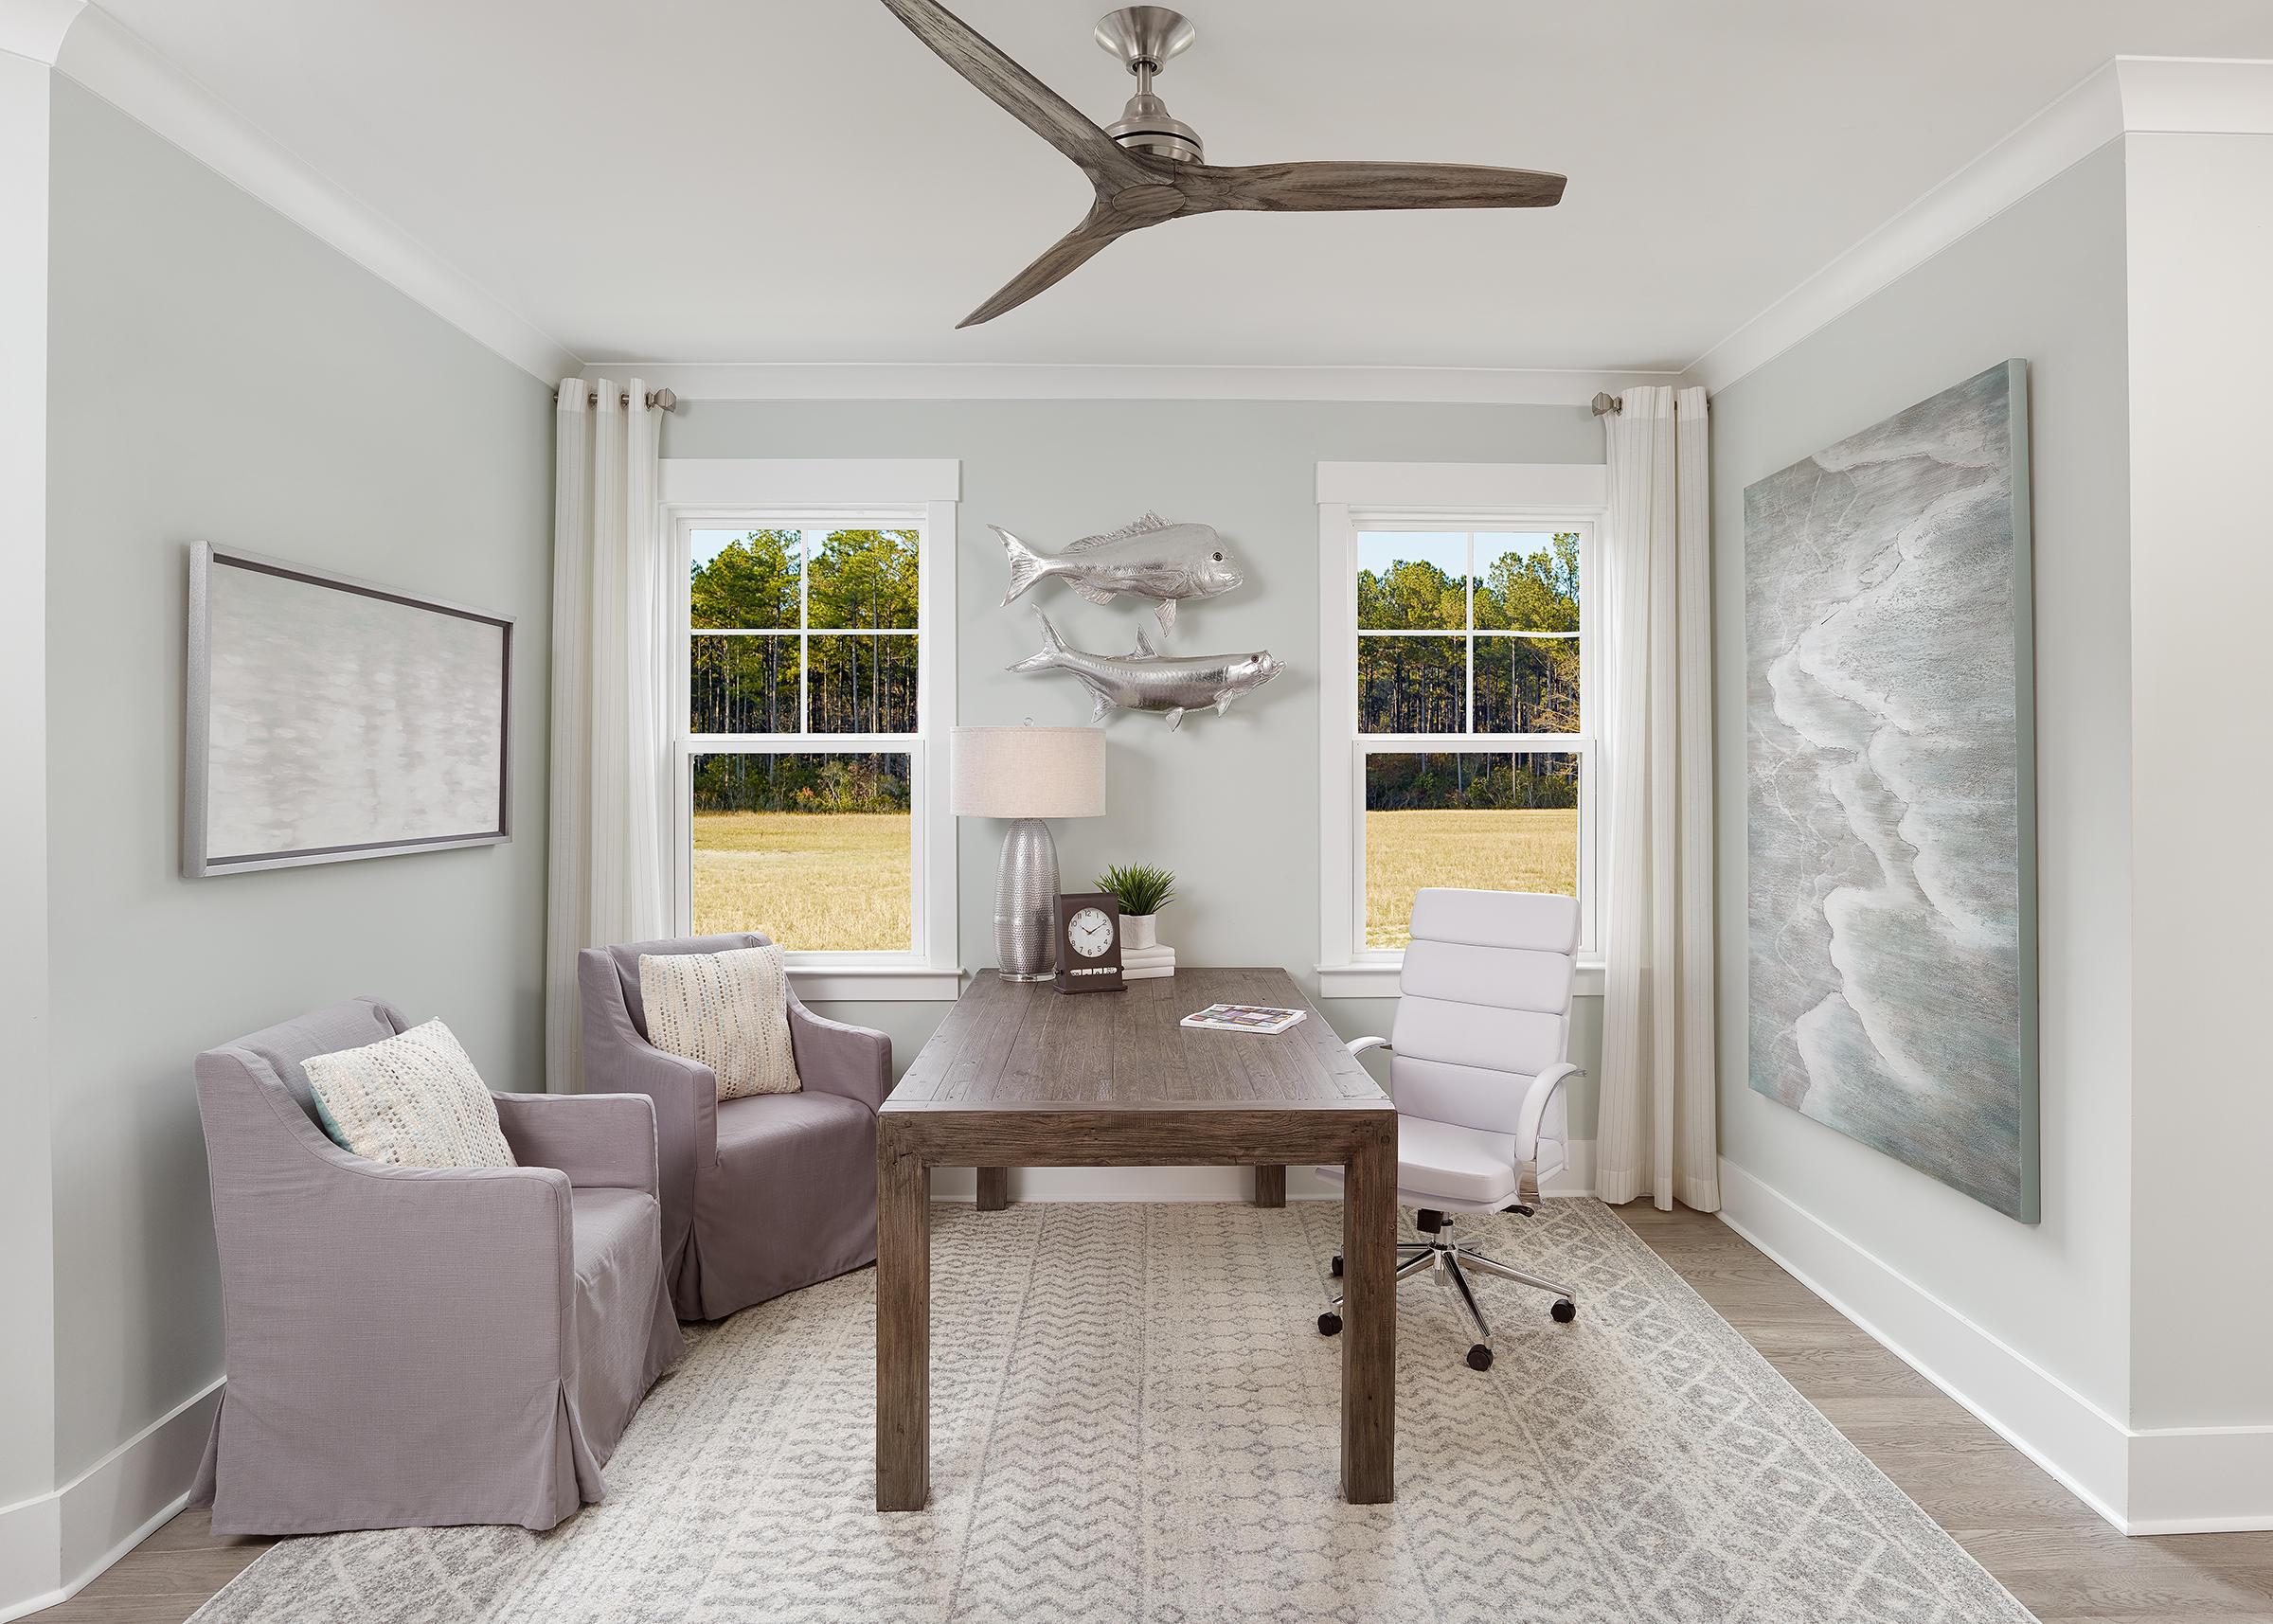 Dunes West Homes For Sale - 2406 Brackish, Mount Pleasant, SC - 1